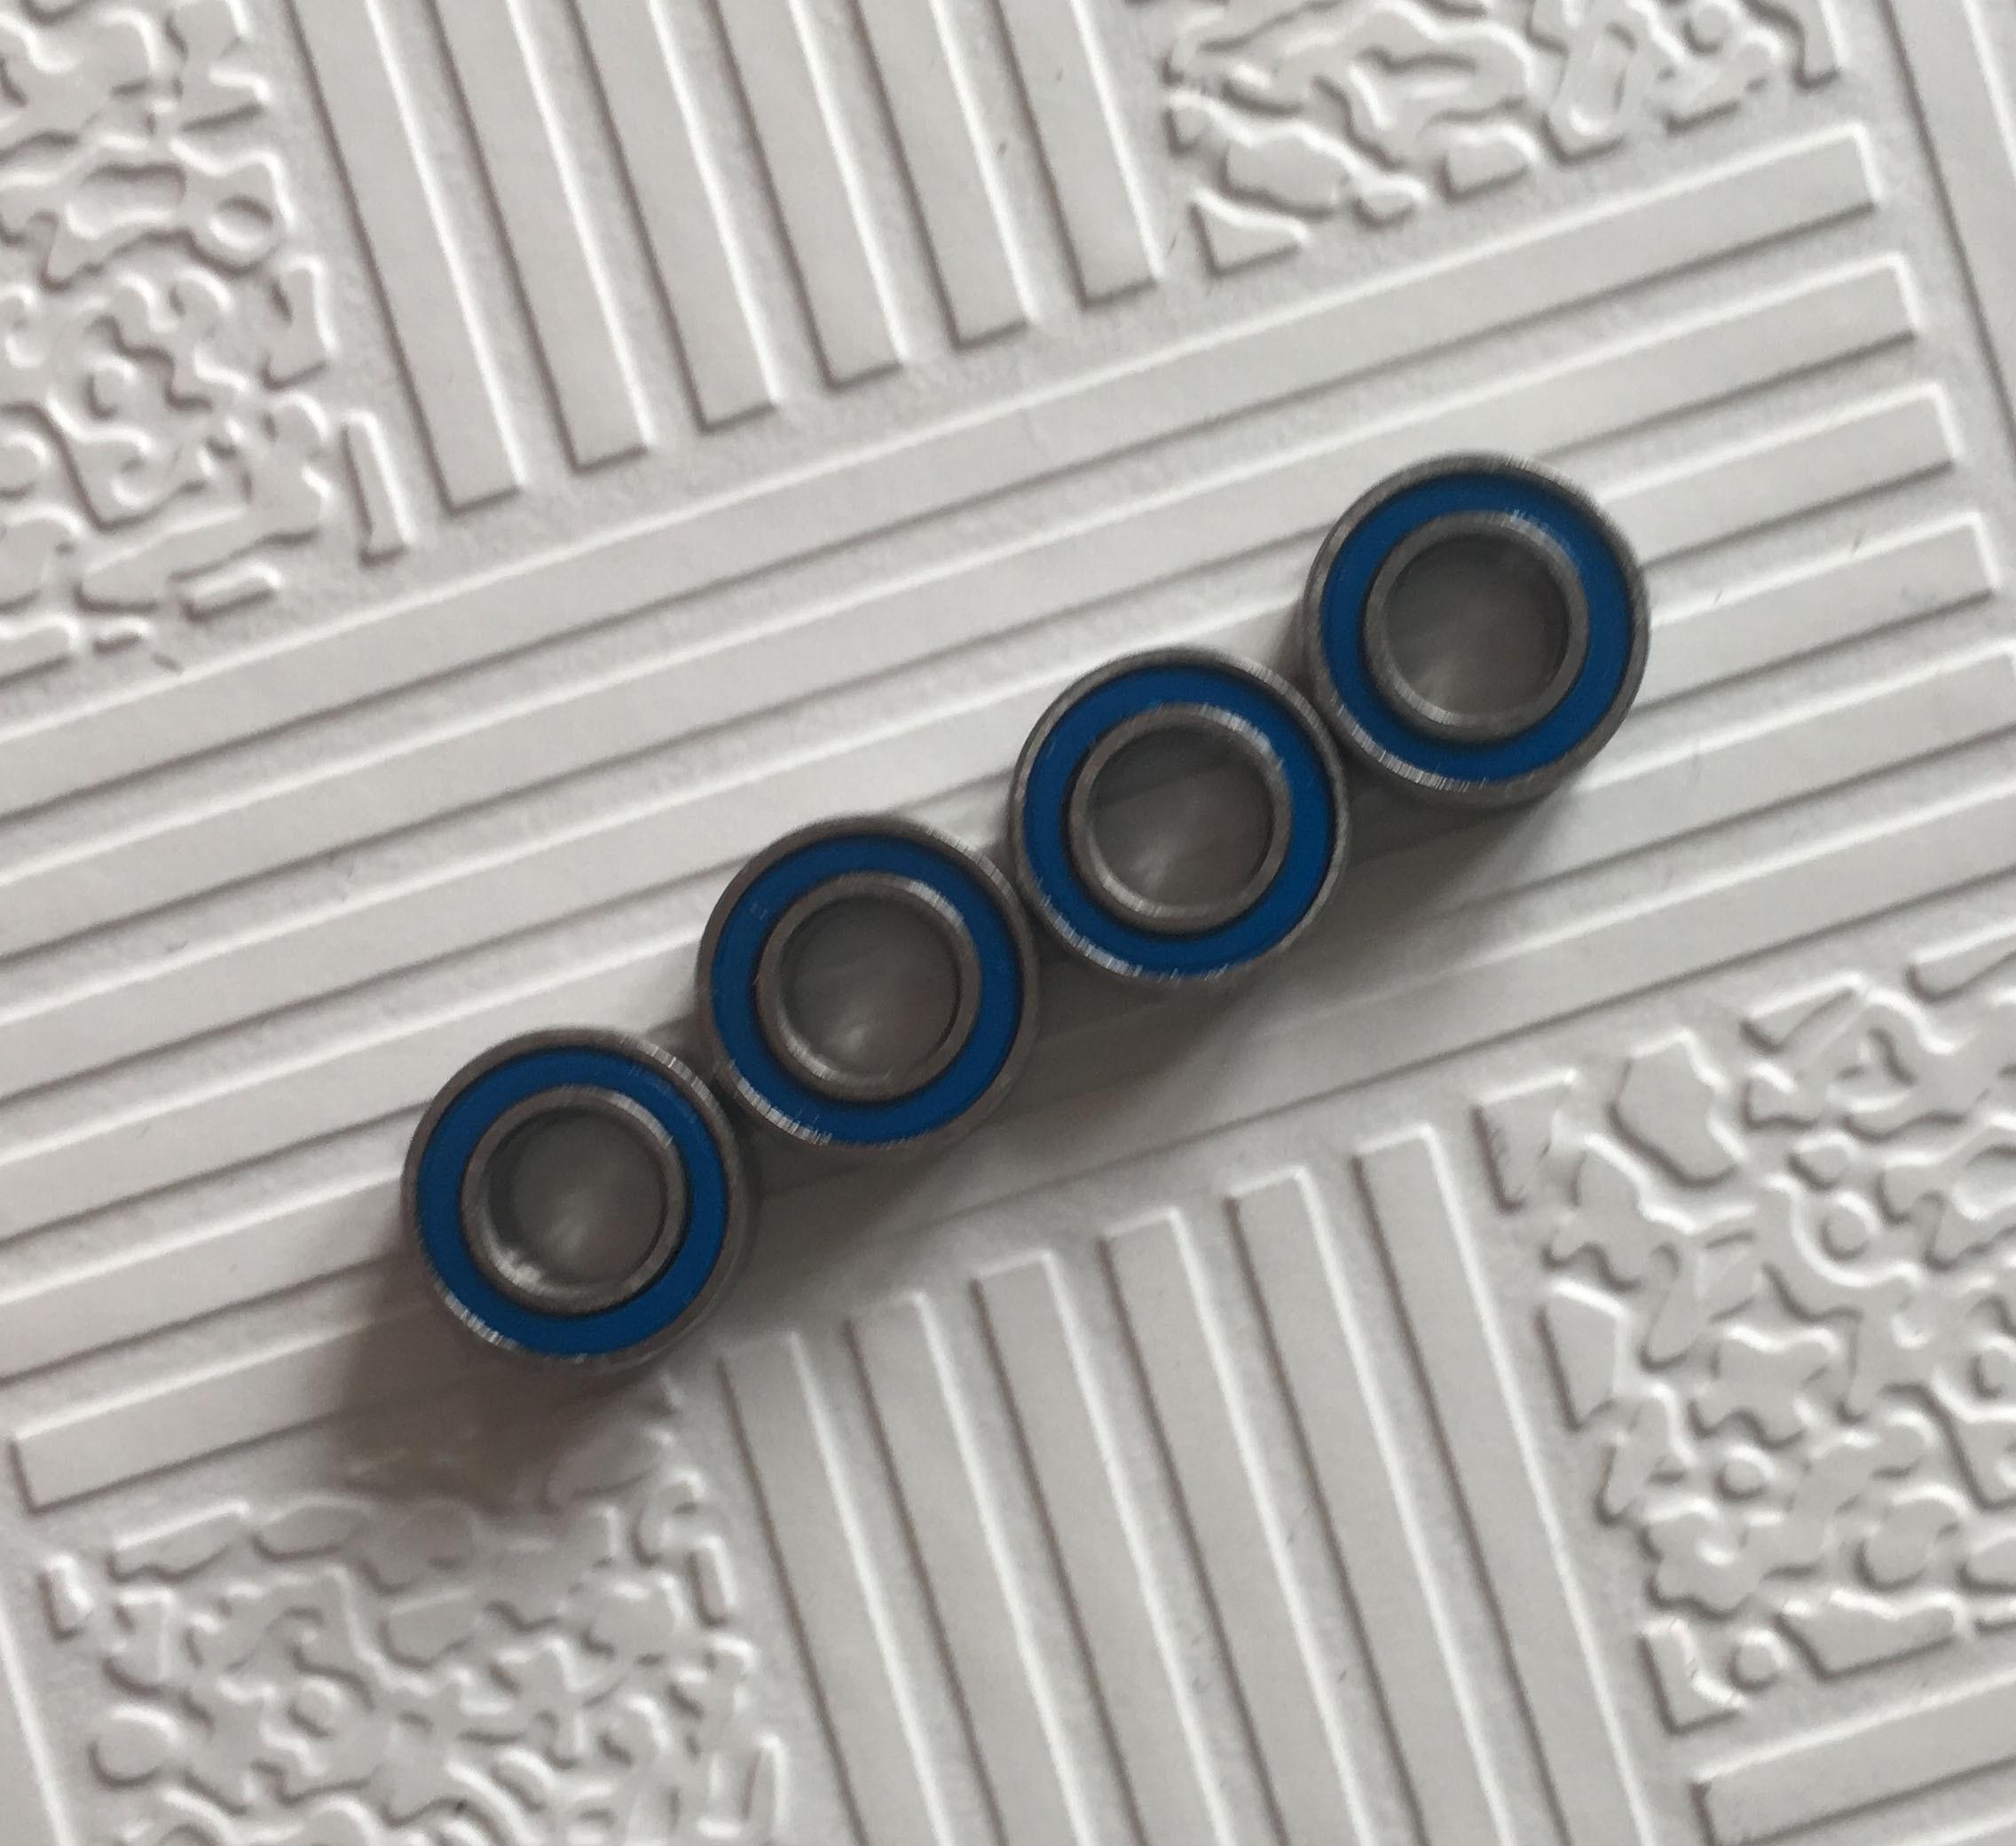 30 x nouveau rondelles en caoutchouc fermée//blind 12mm vendeur britannique